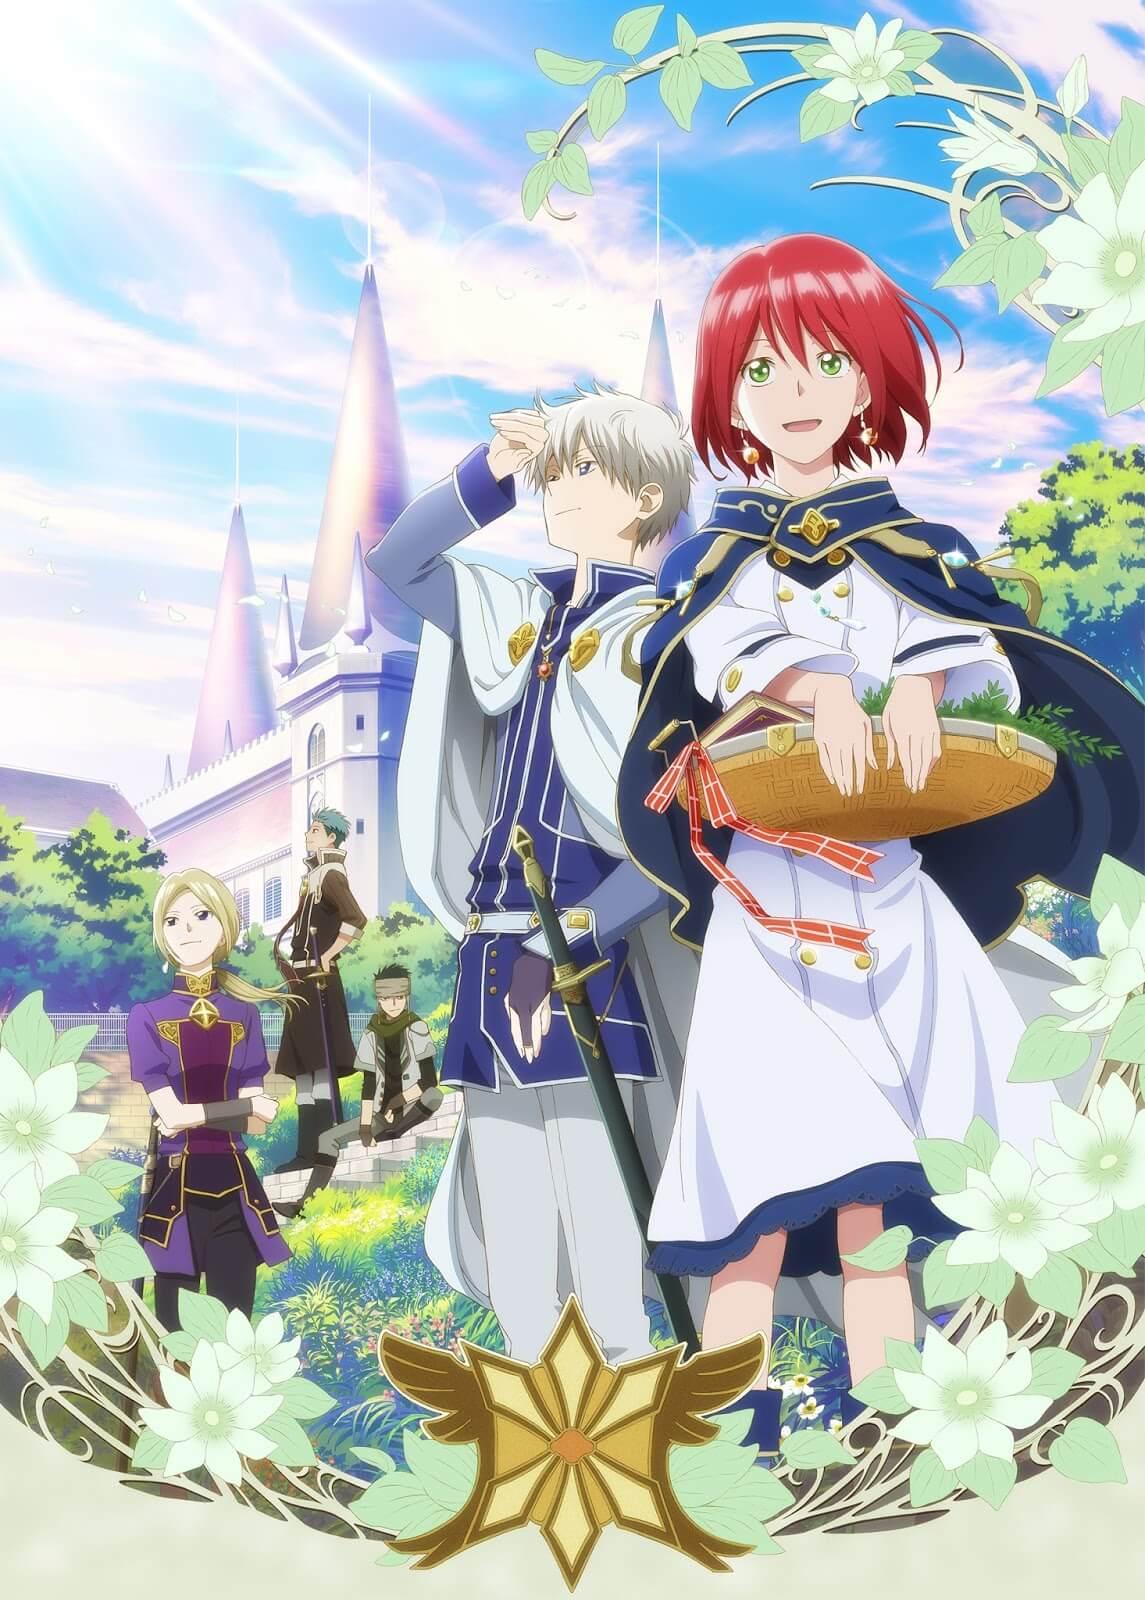 Akagami no Shirayuki-hime Anime Poster